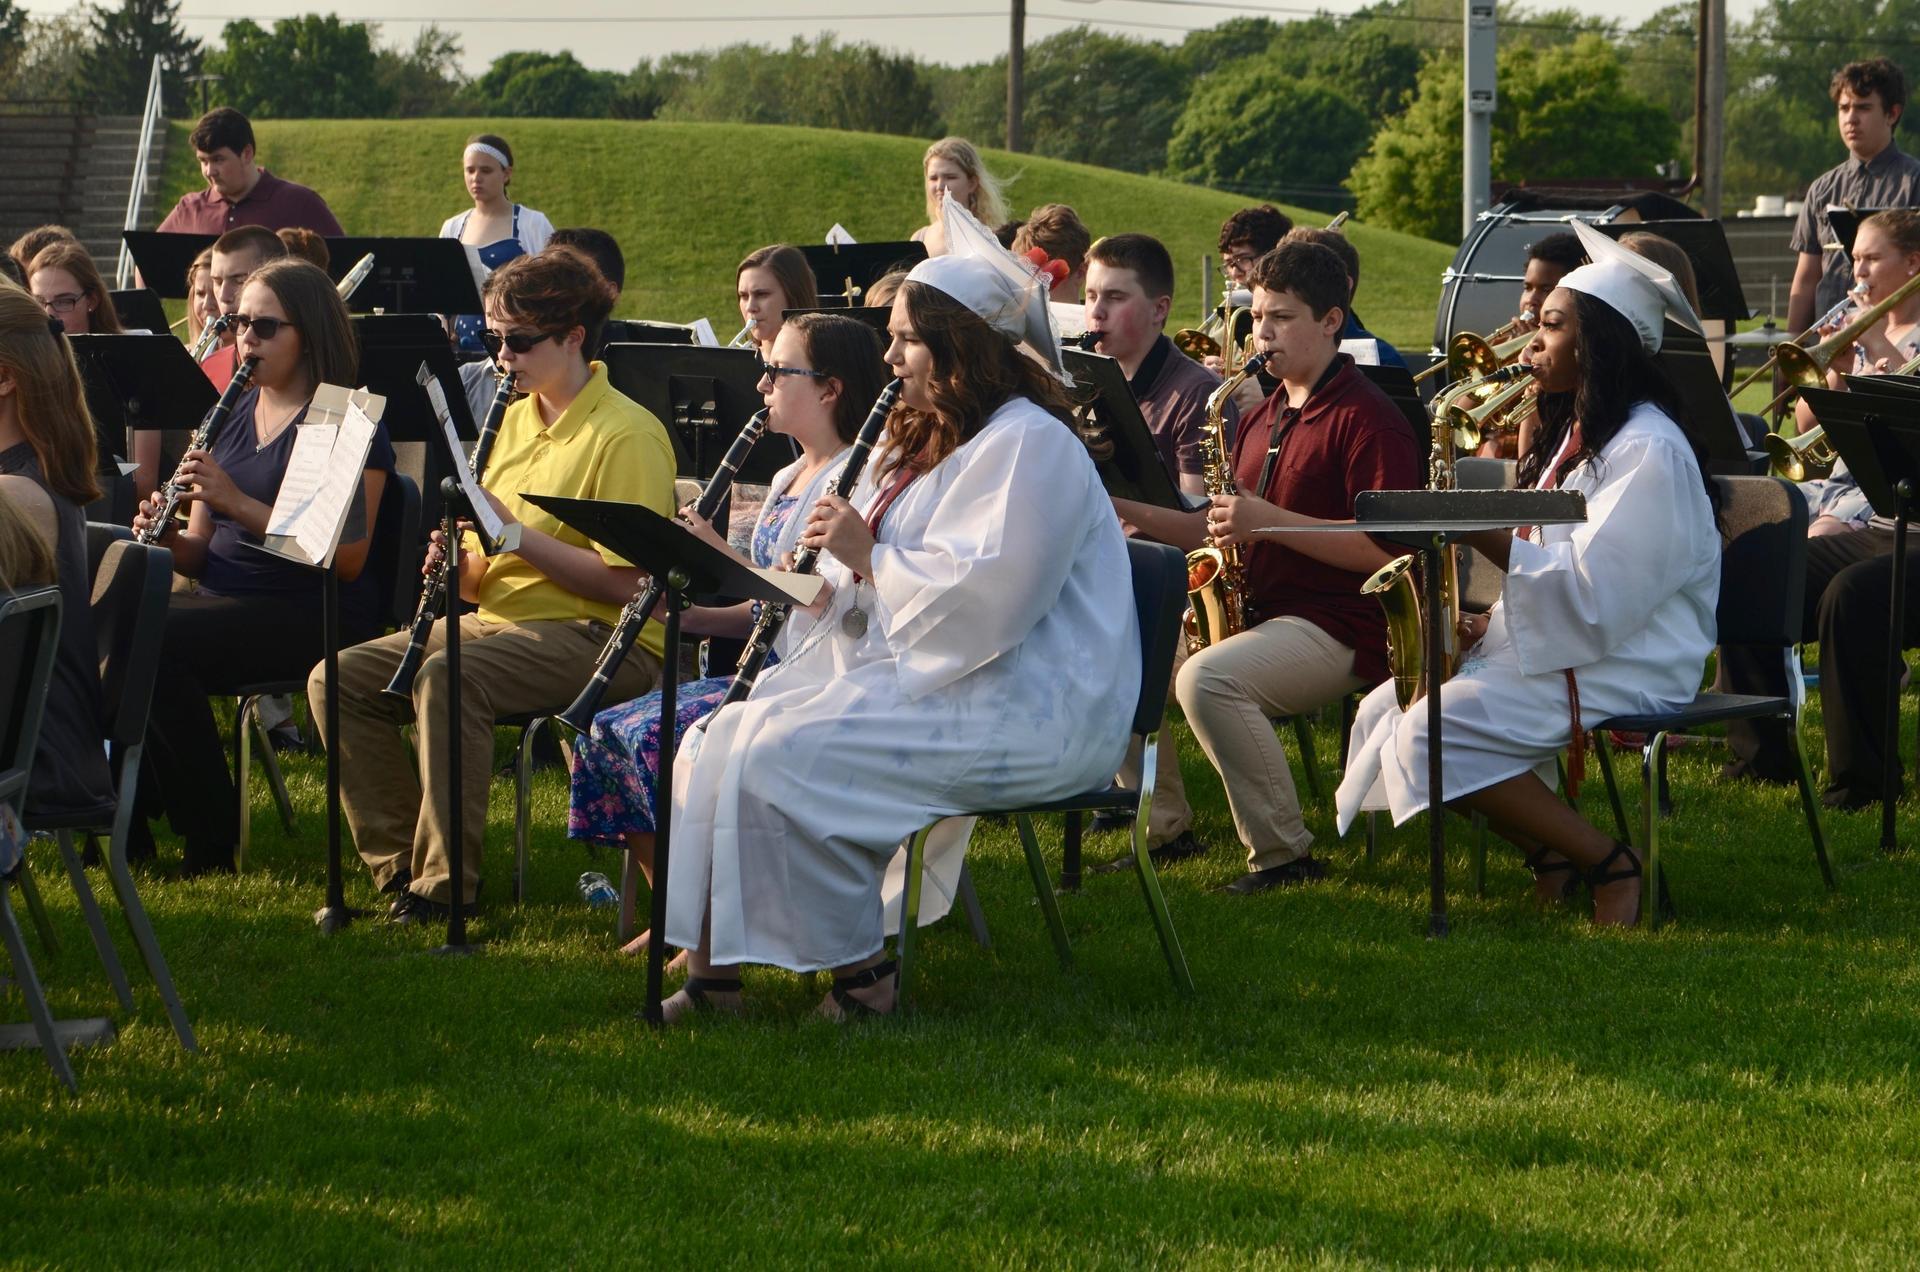 band performing at graduation